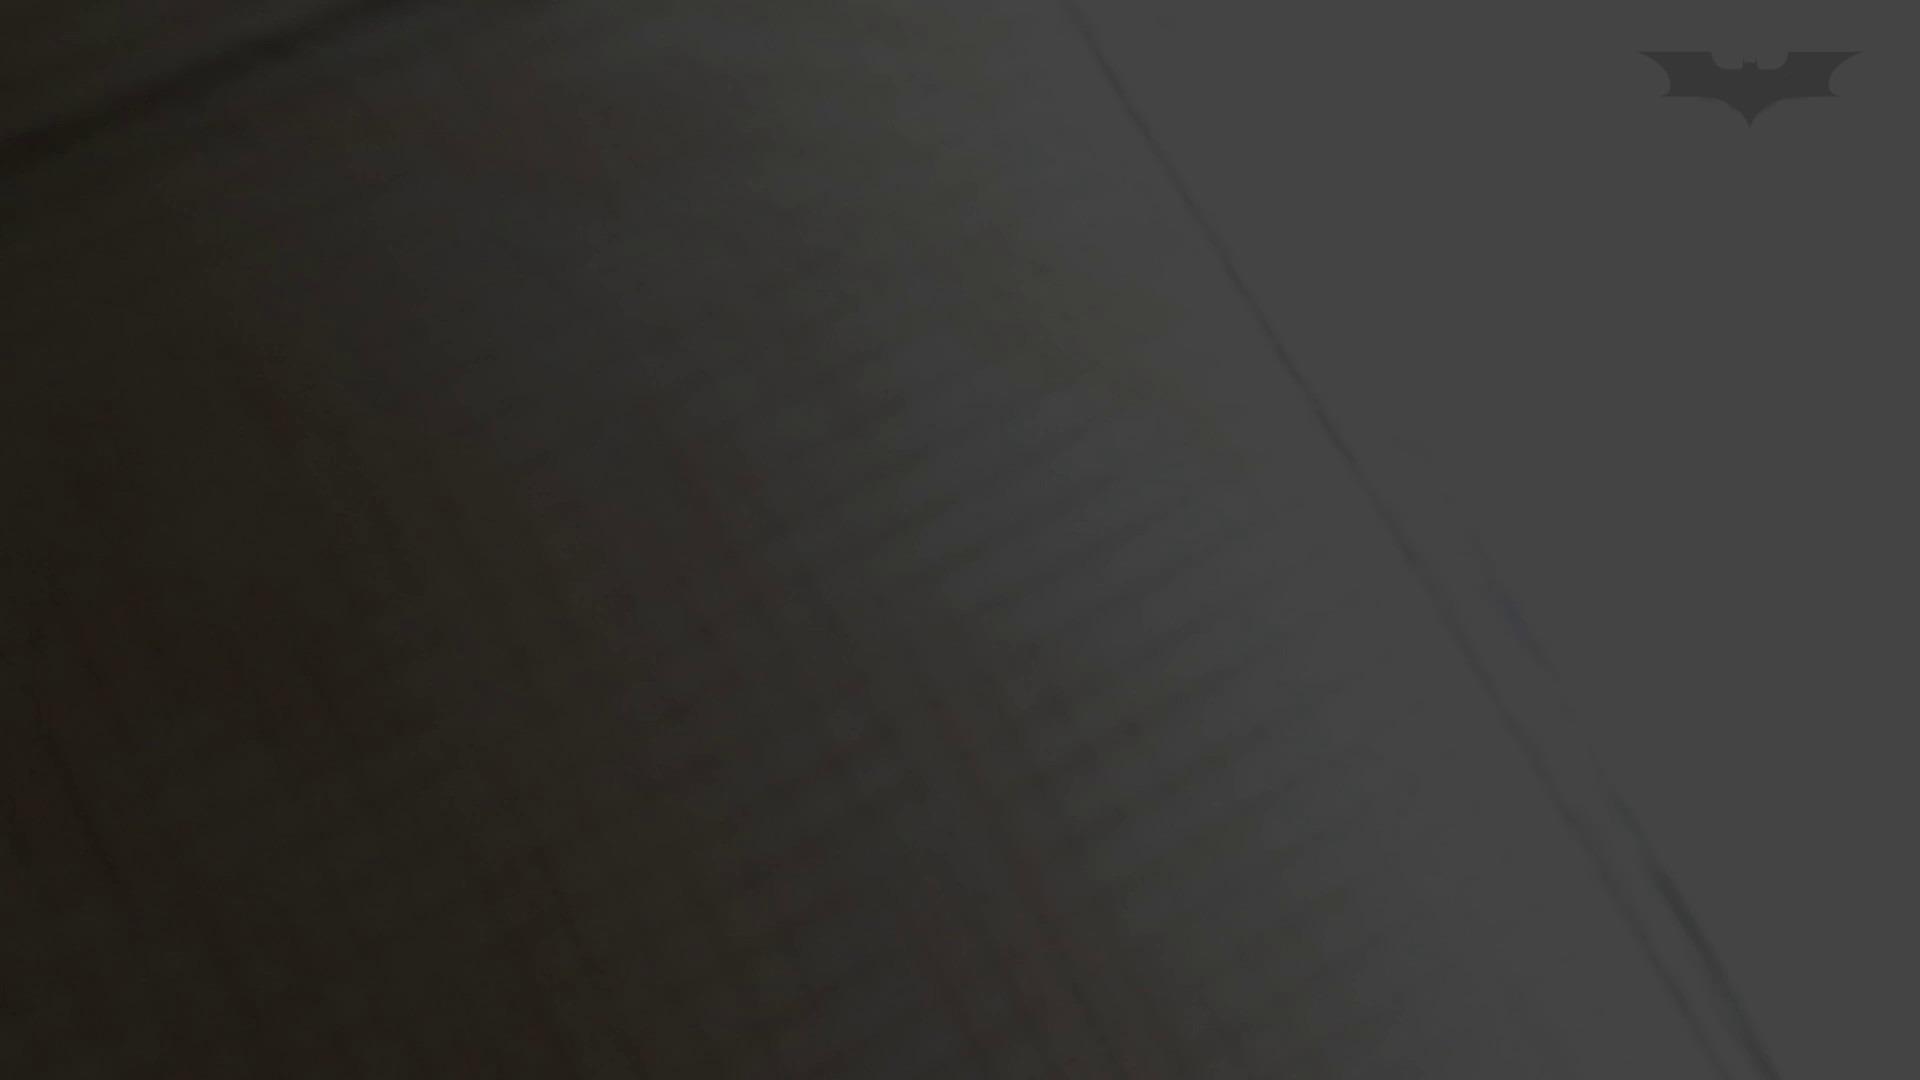 芸術大学ガチ潜入盗撮 JD盗撮 美女の洗面所の秘密 Vol.112 洗面所 おめこ無修正動画無料 92PIX 74